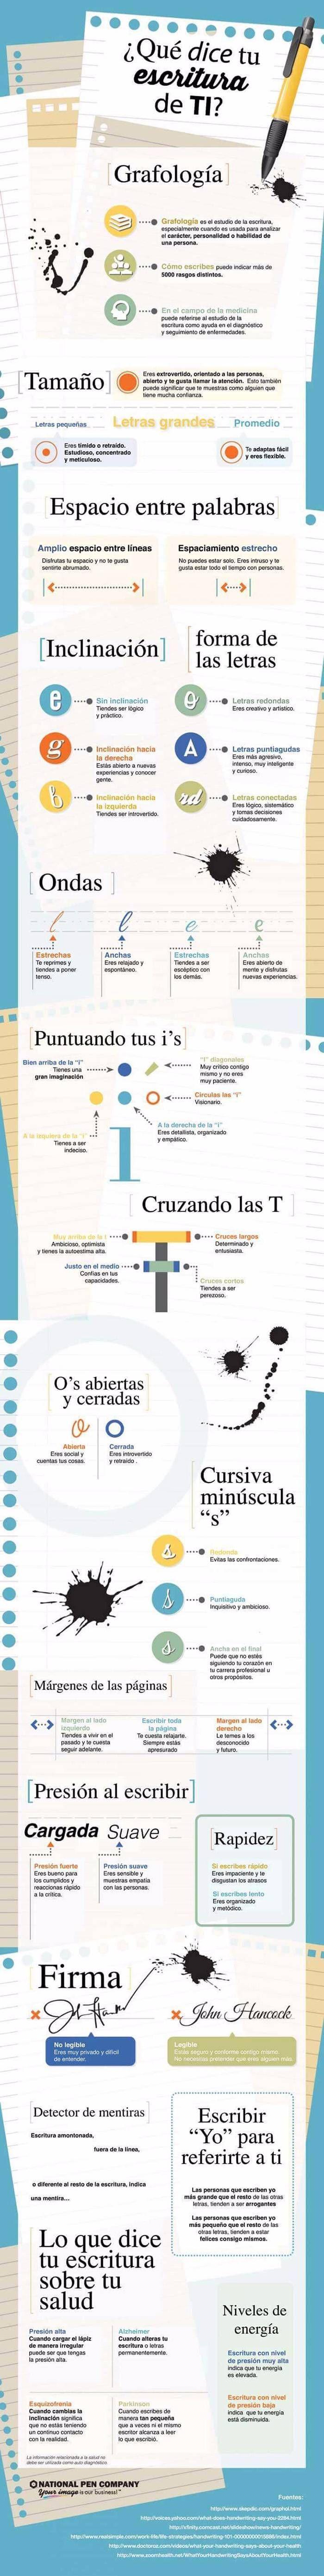 Descubre todo lo que tu caligrafía puede decir de ti. #infografías #grafología